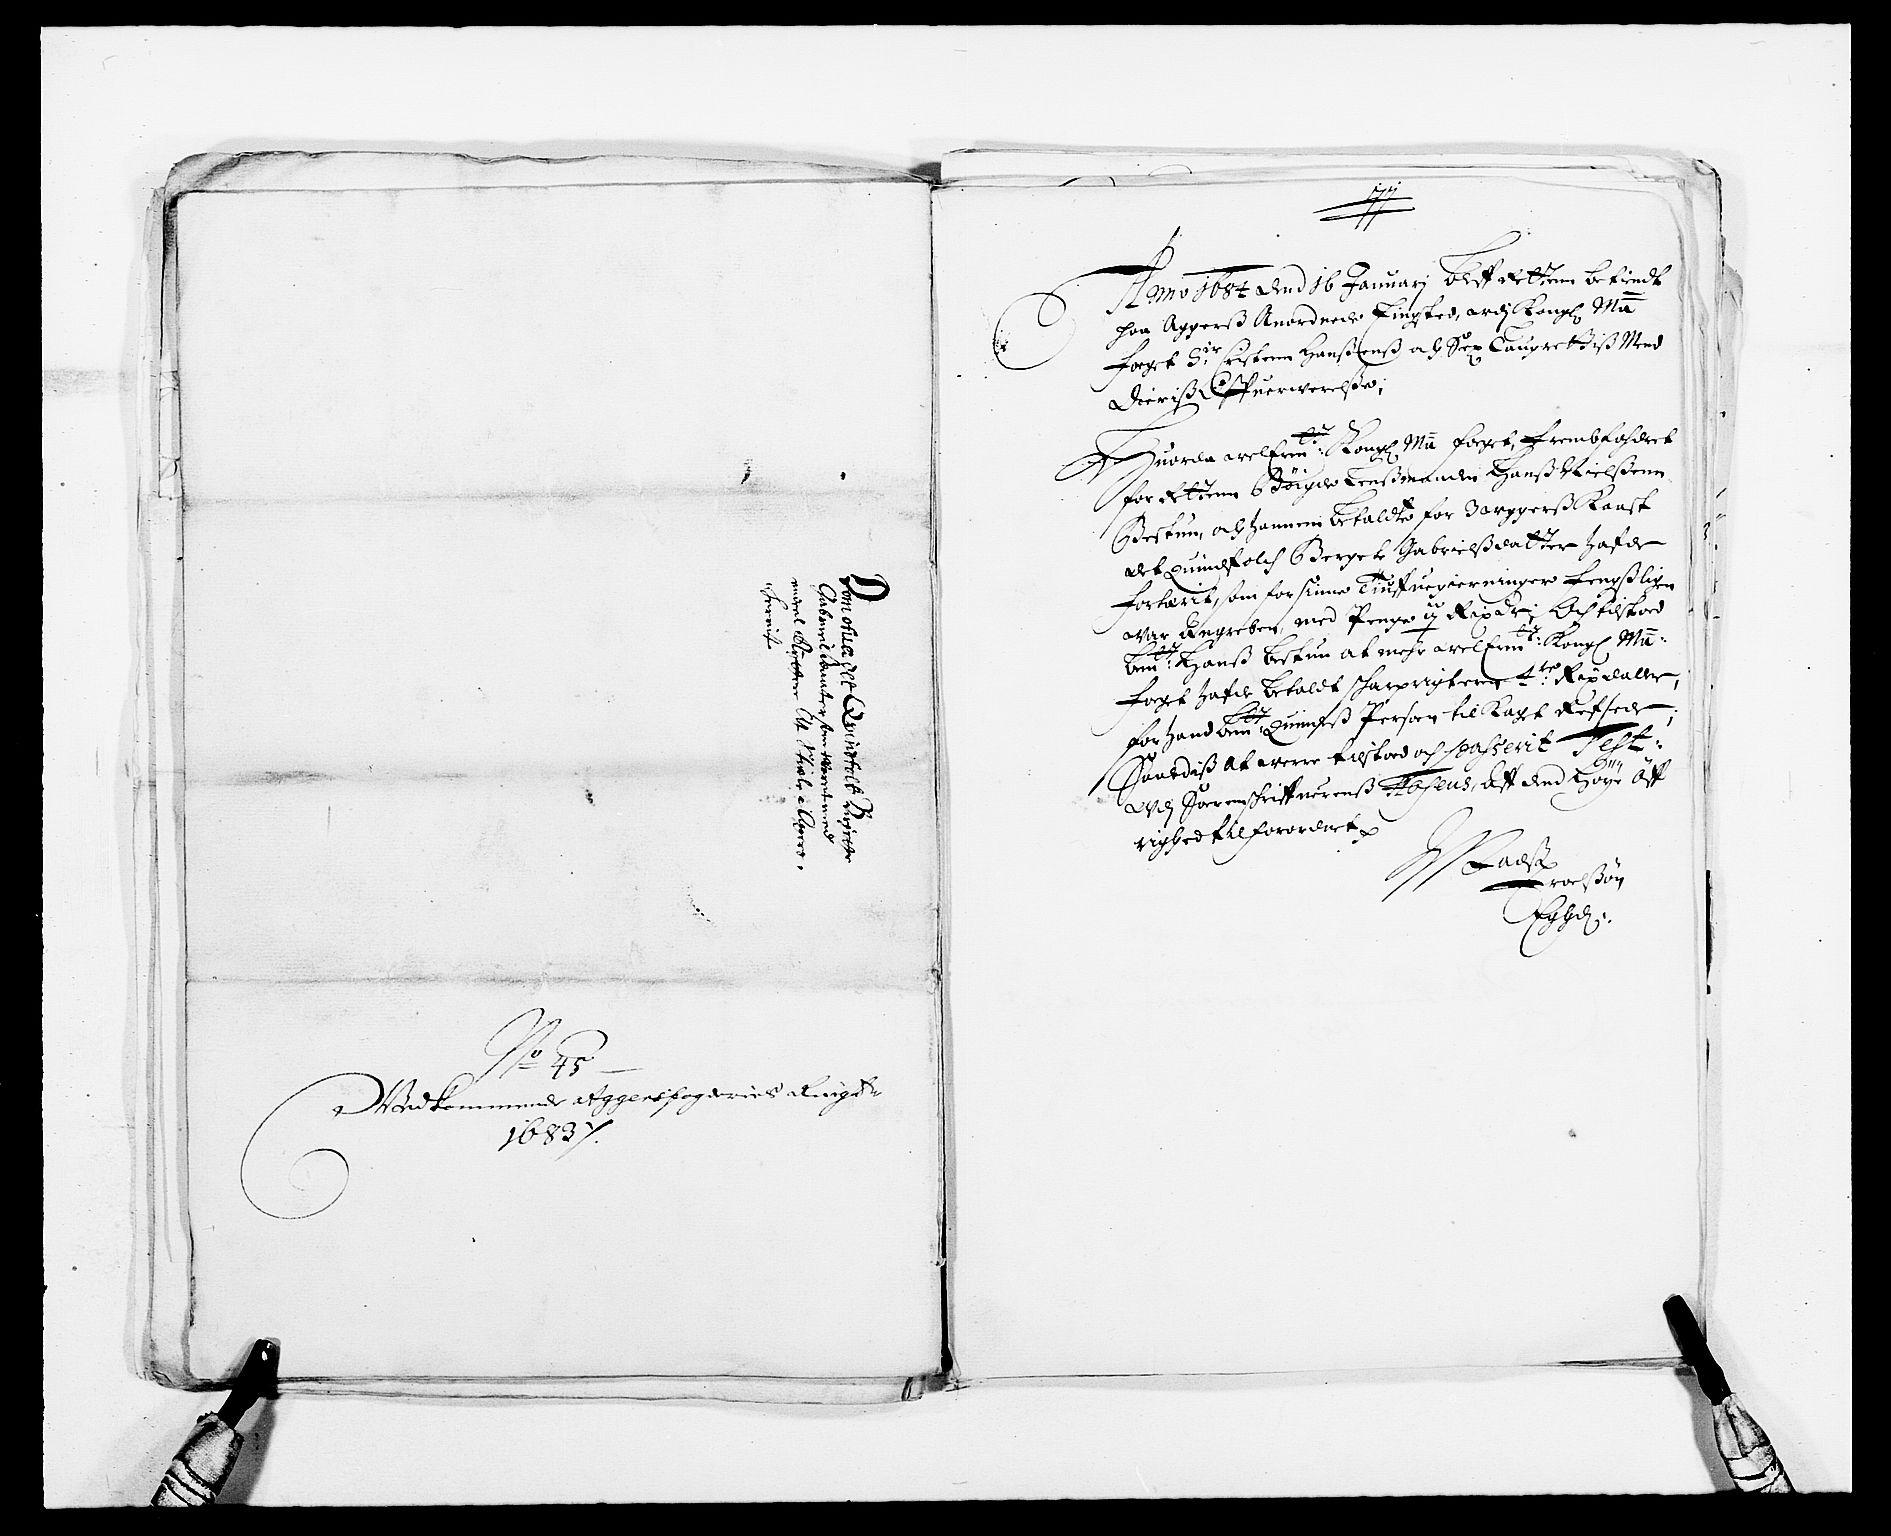 RA, Rentekammeret inntil 1814, Reviderte regnskaper, Fogderegnskap, R08/L0424: Fogderegnskap Aker, 1682-1689, s. 86